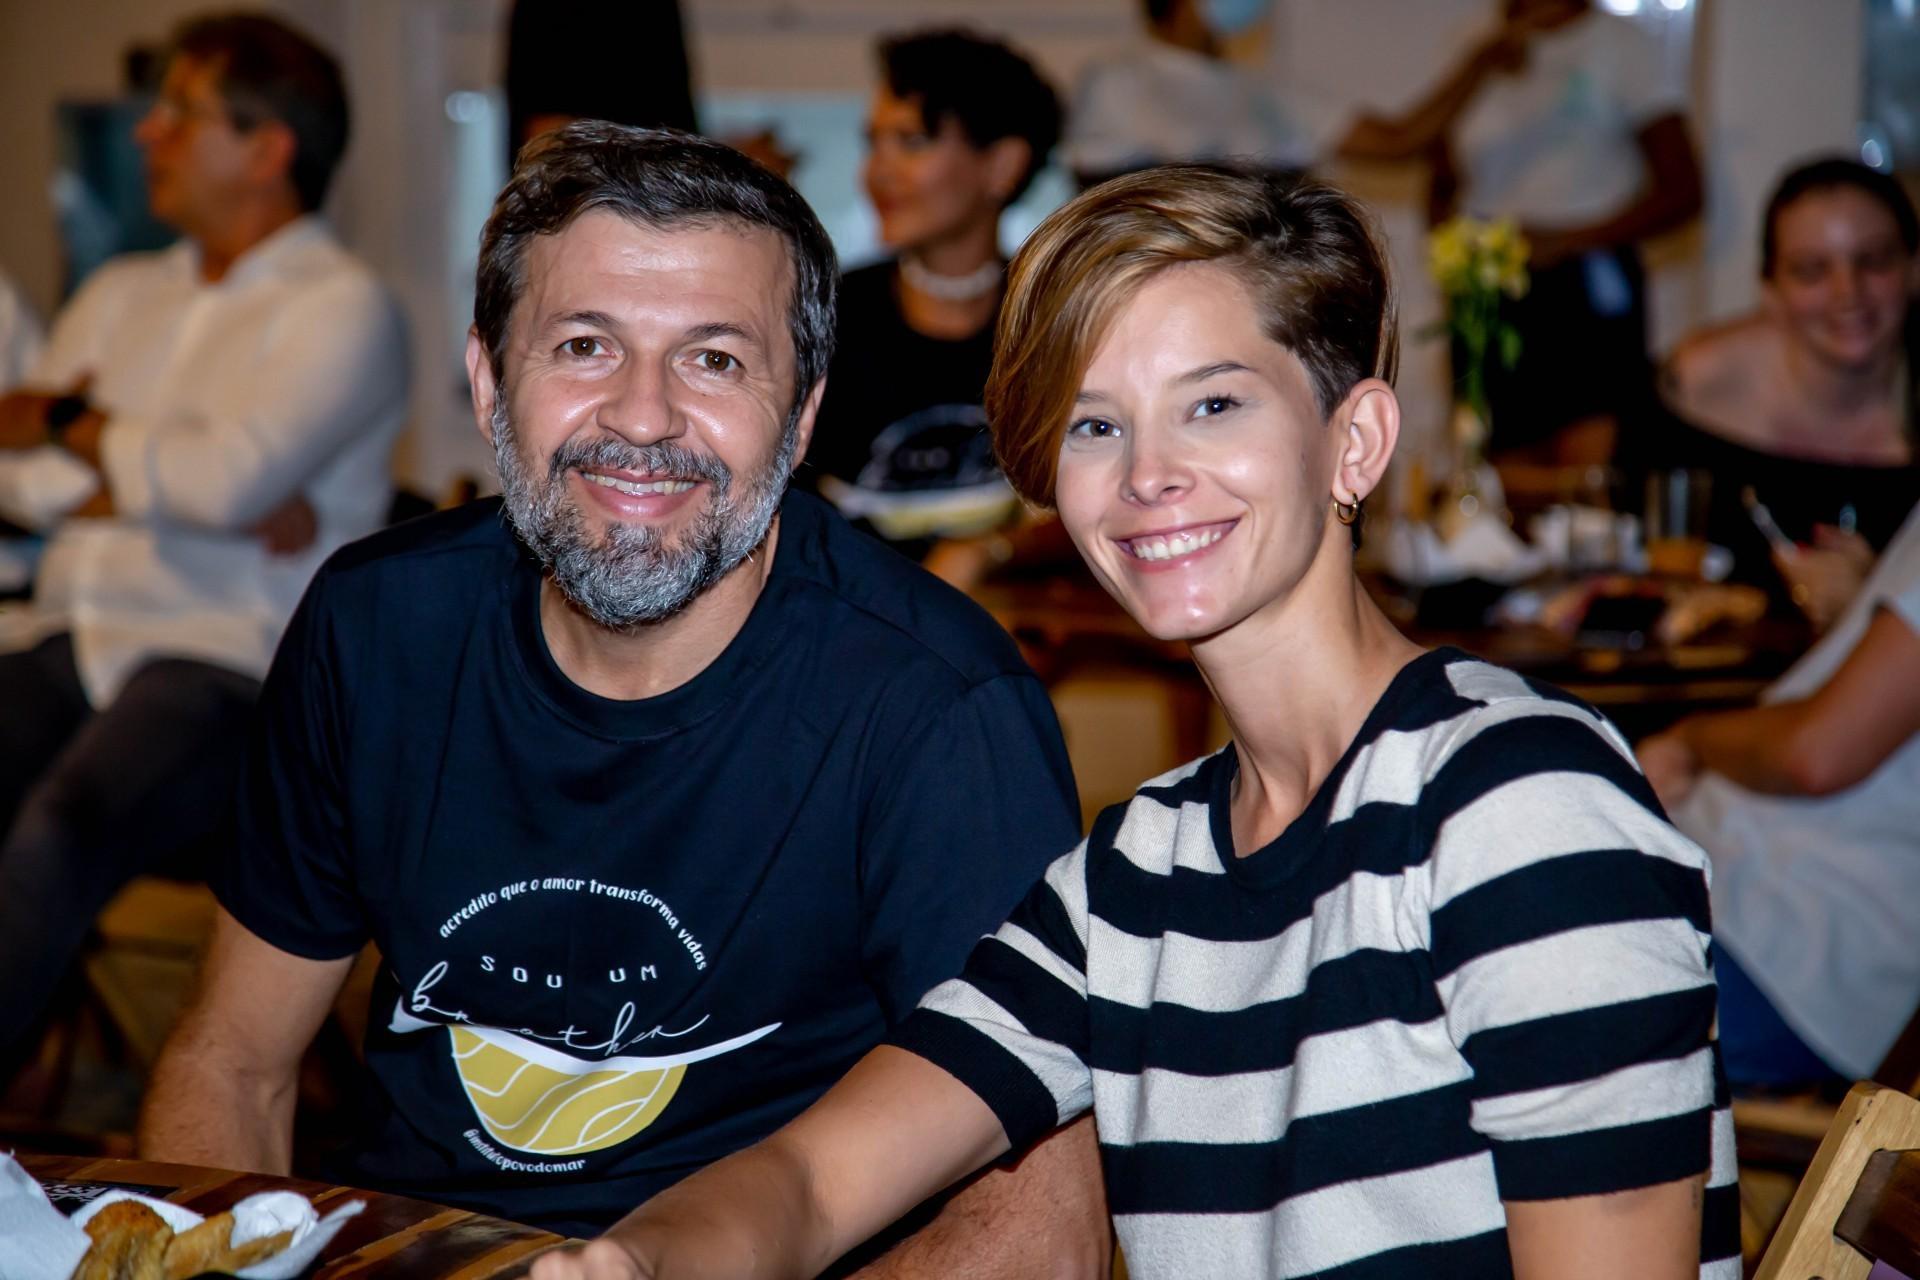 (Foto: Israel_Rodrigues/ Divulgação)Élcio Batista e Beatriz Bley